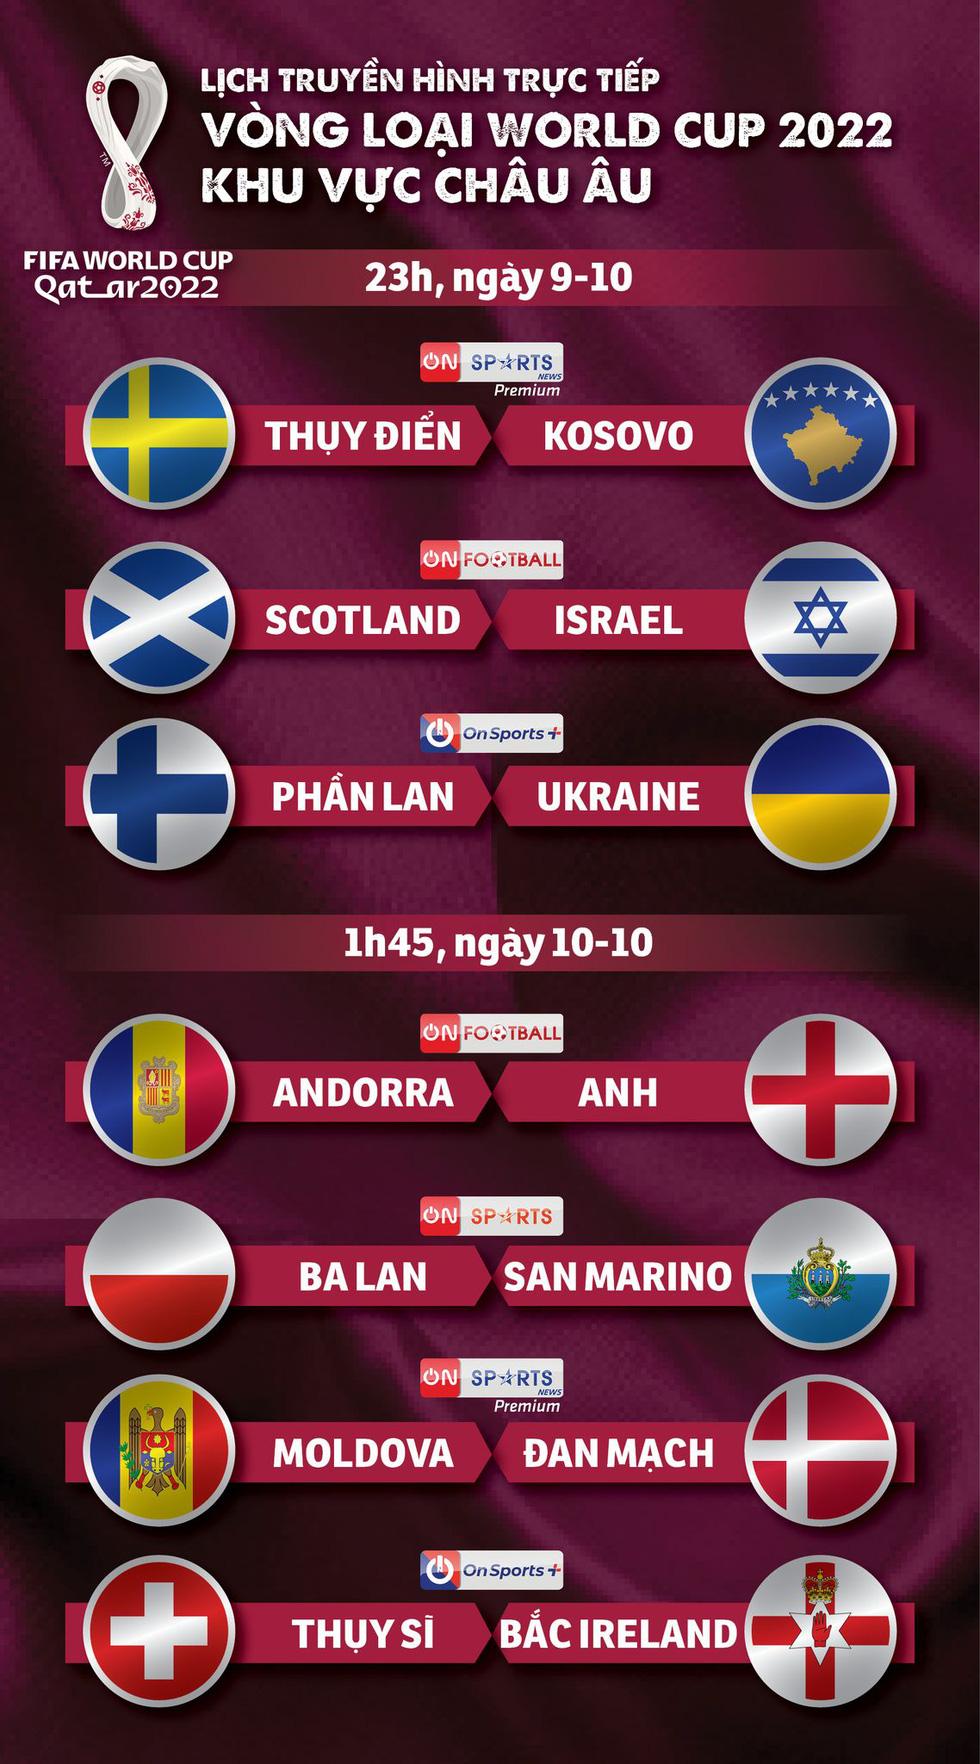 Lịch trực tiếp vòng loại World Cup 2022 khu vực châu Âu: Anh, Đan Mạch thi đấu - Ảnh 1.